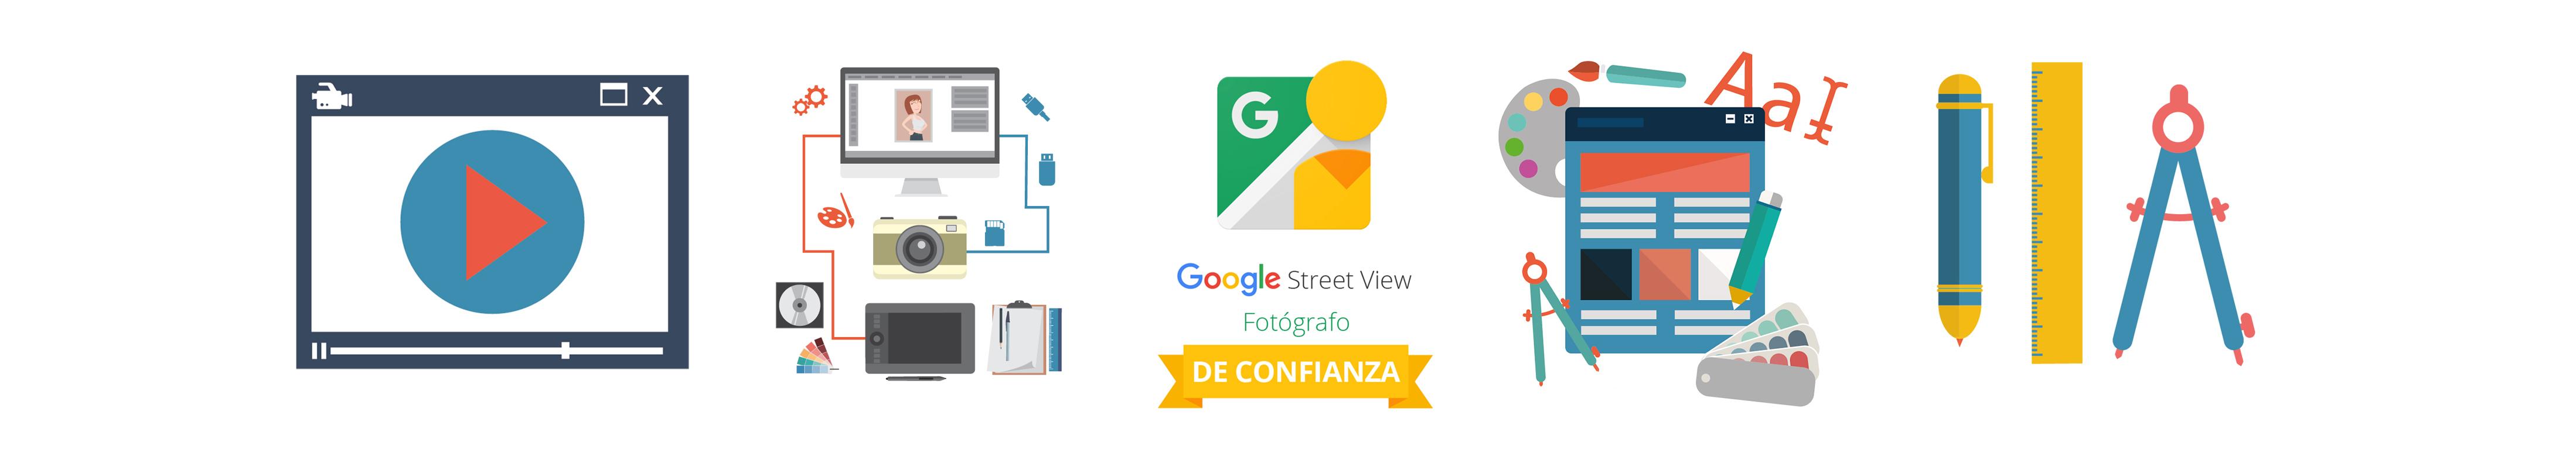 Publicidad, Web, Vídeo y Diseño en Córdoba